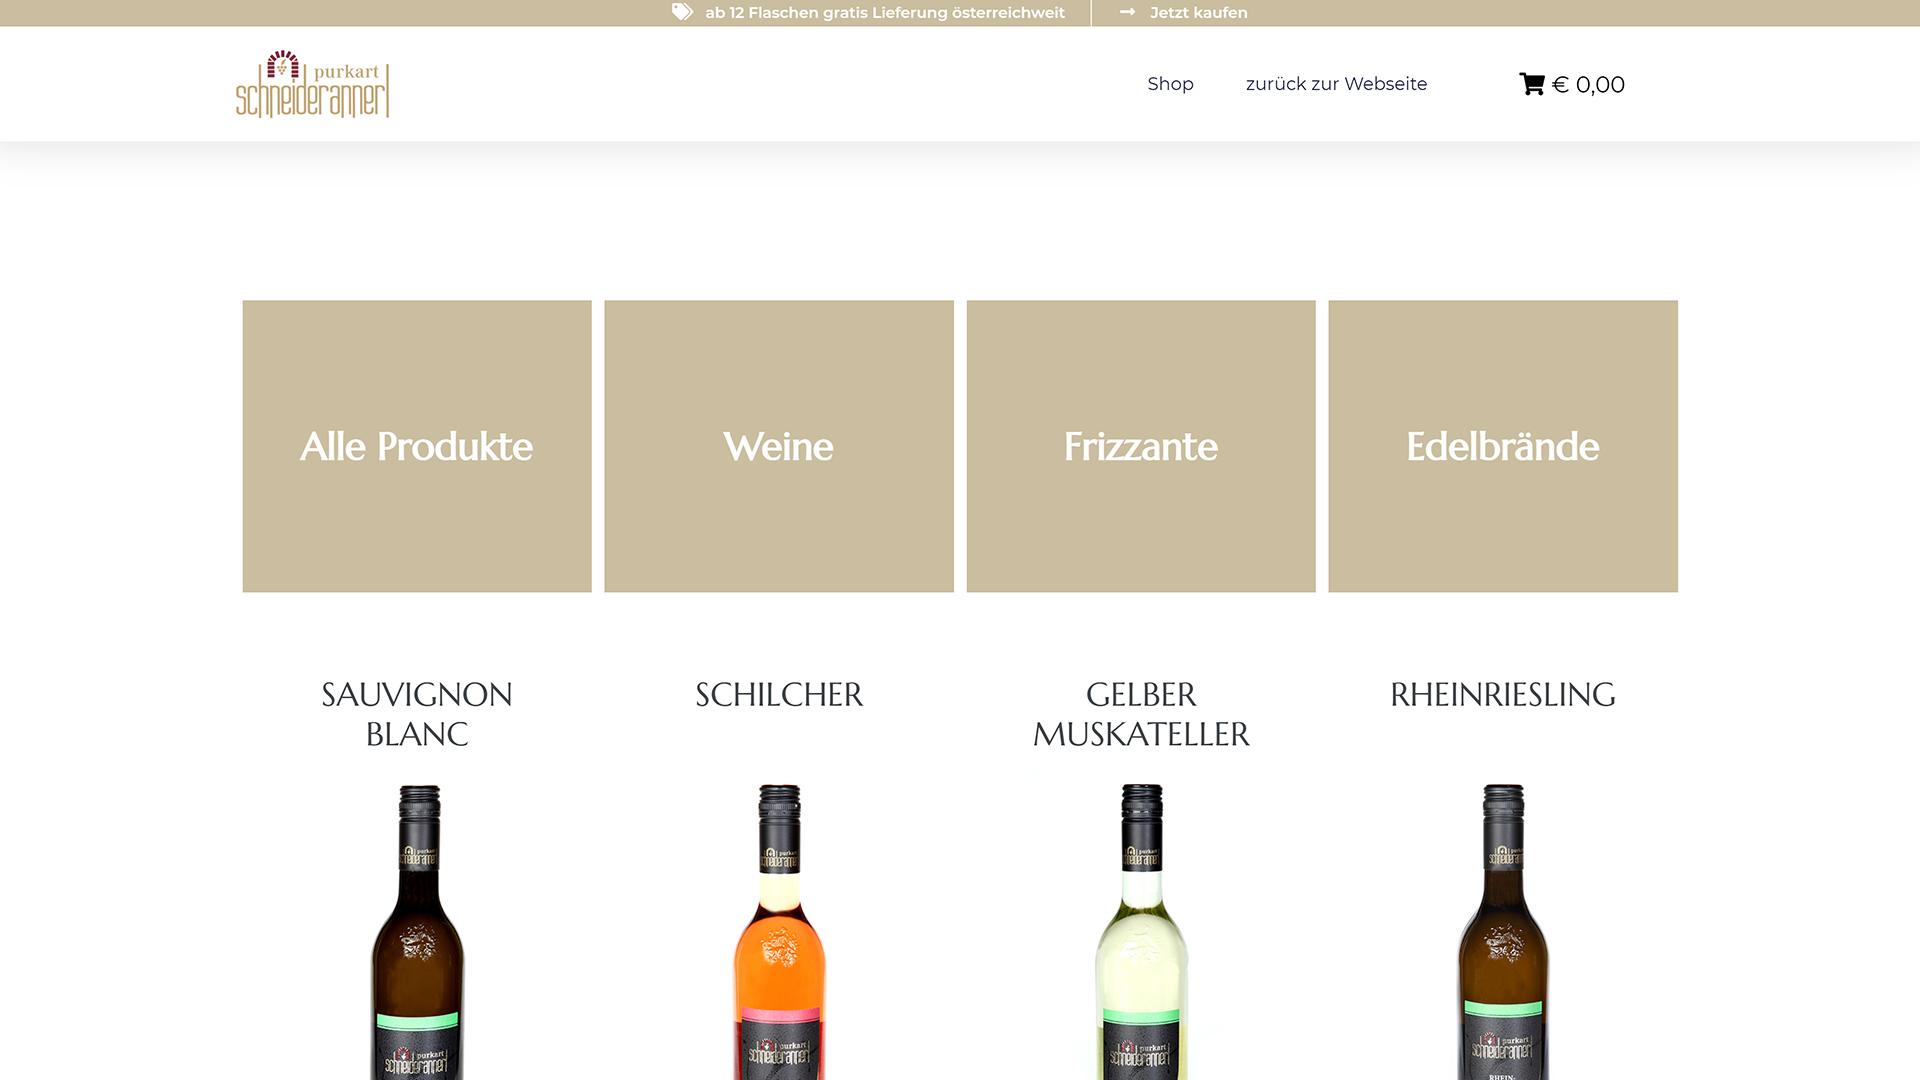 schneiderannerl_weinwerbeagentur_südsteiermark_webshop_website